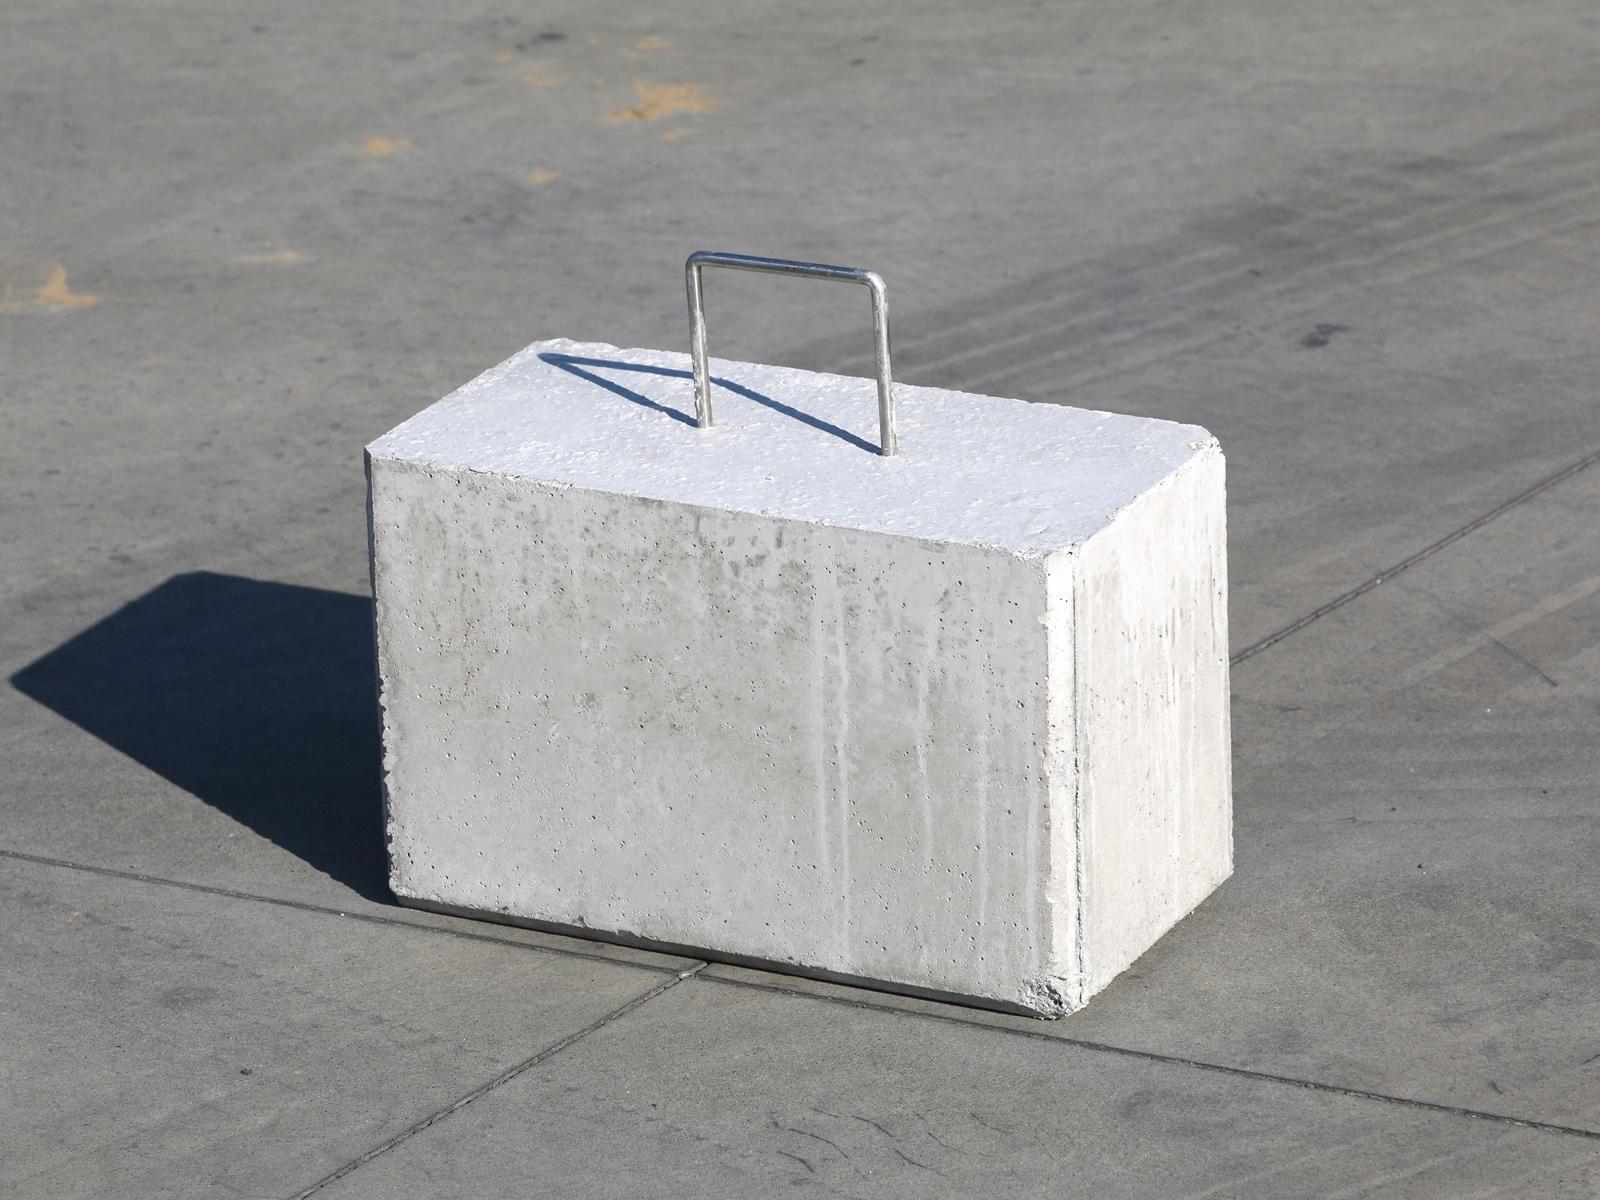 betonblok 45 kg koop makkelijk online handgreep om te verplaatsen. Black Bedroom Furniture Sets. Home Design Ideas